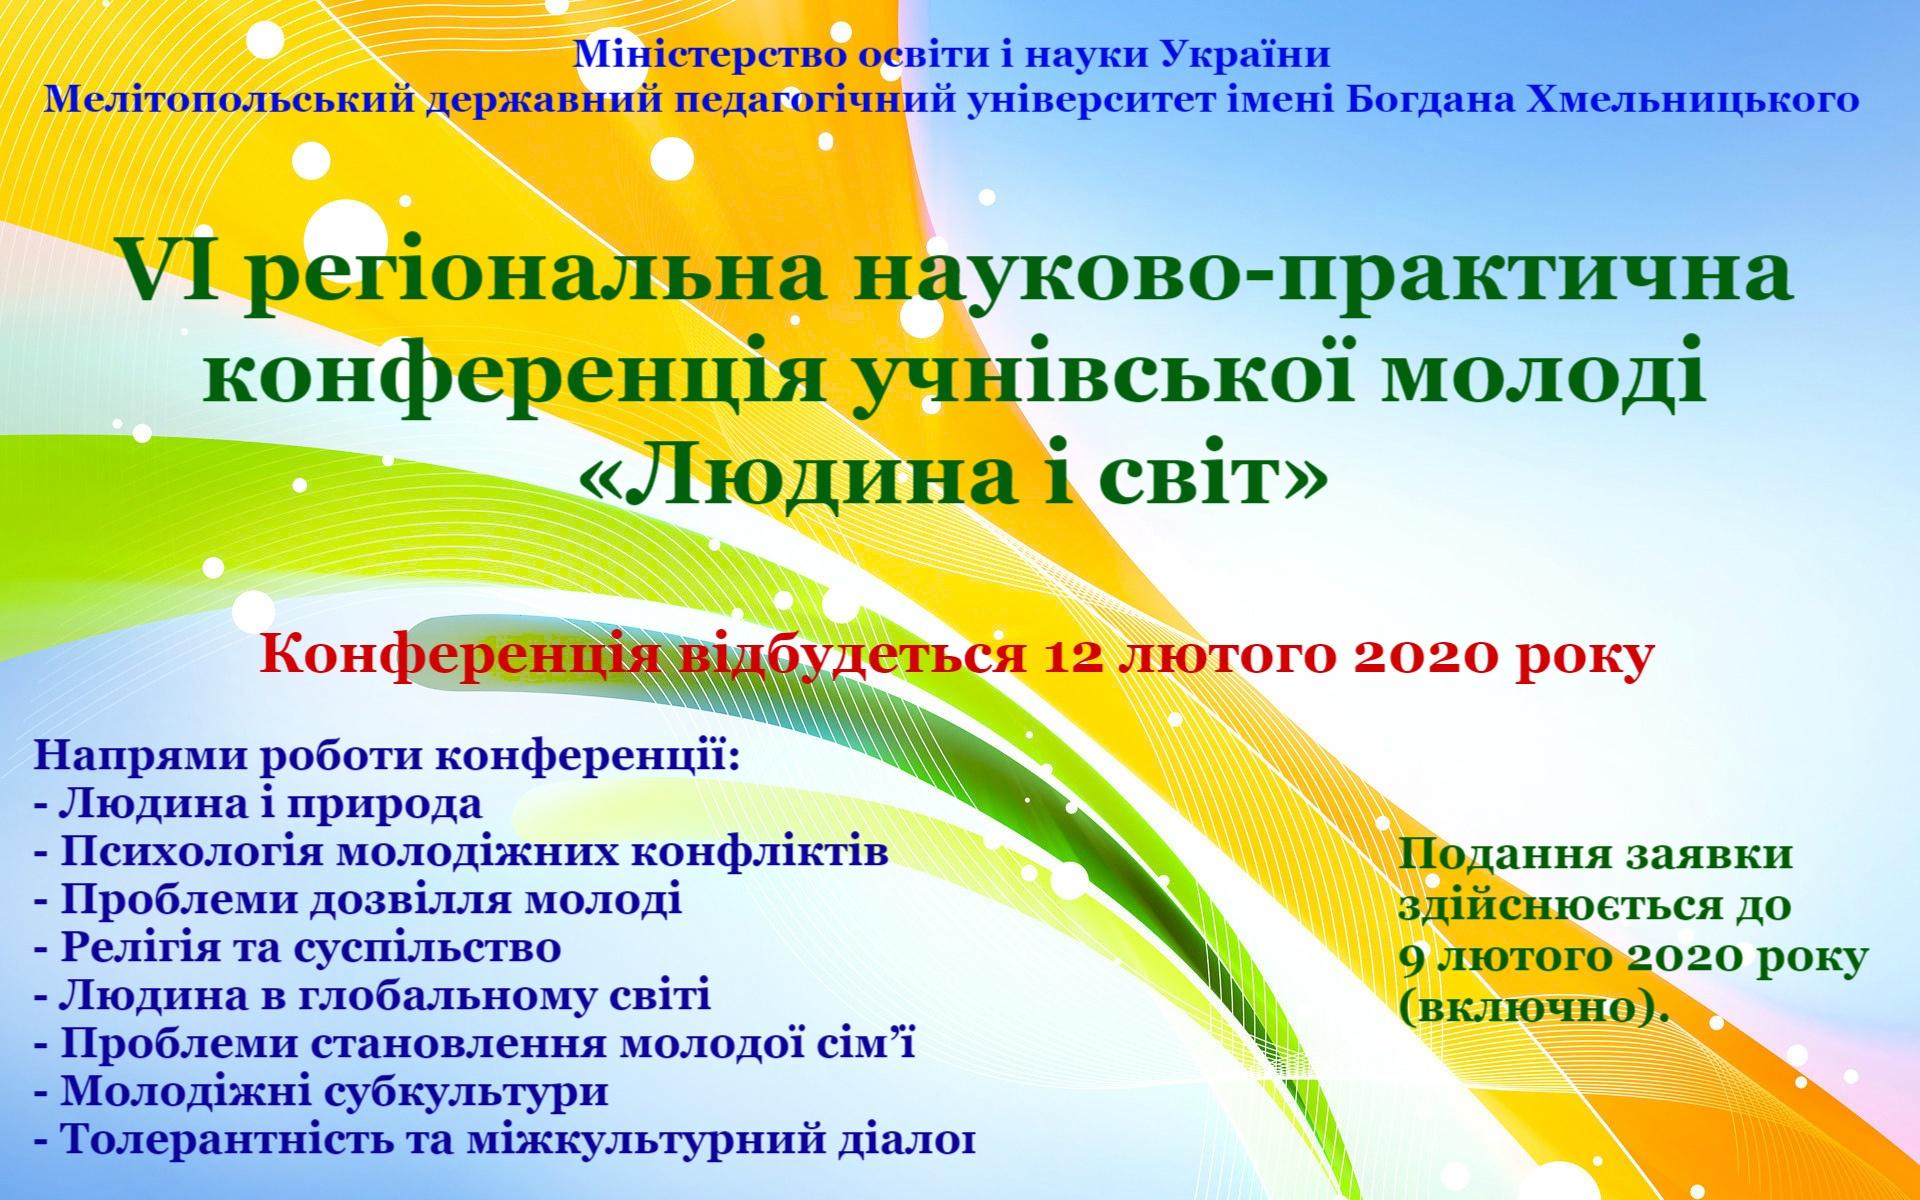 Запрошуємо взяти участь в VІ регіональній науково-практичній конференції учнівської молоді «Людина і світ»